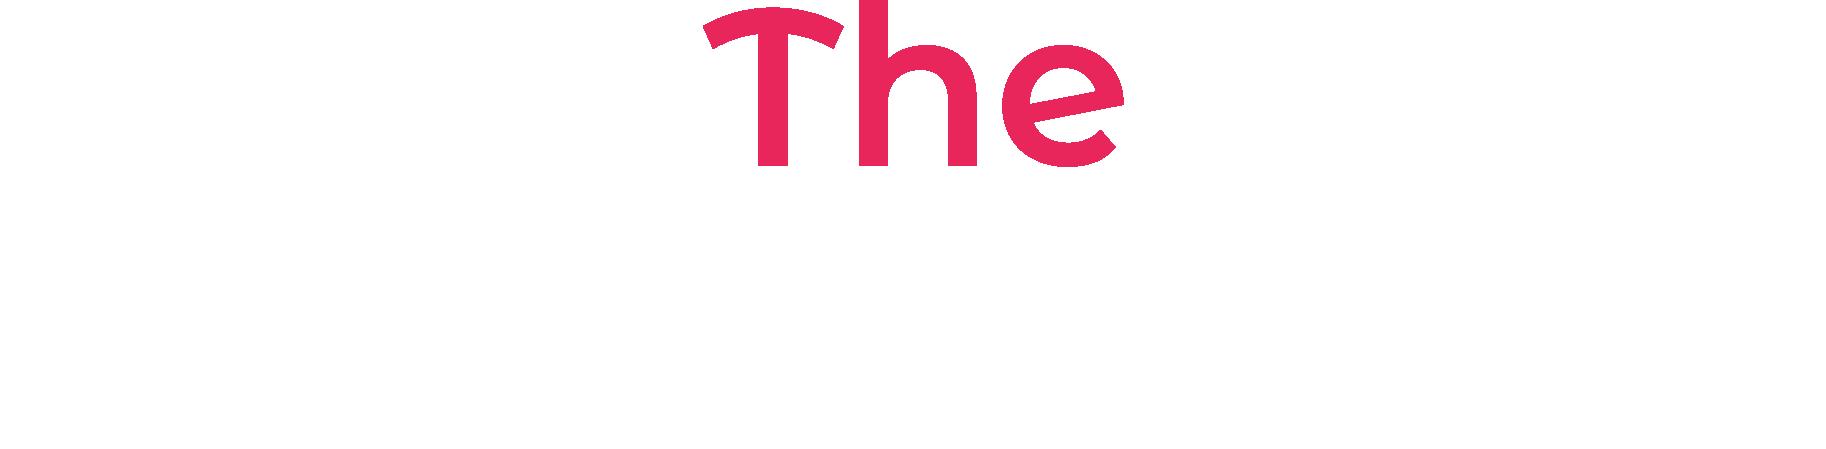 tbrookes-naming